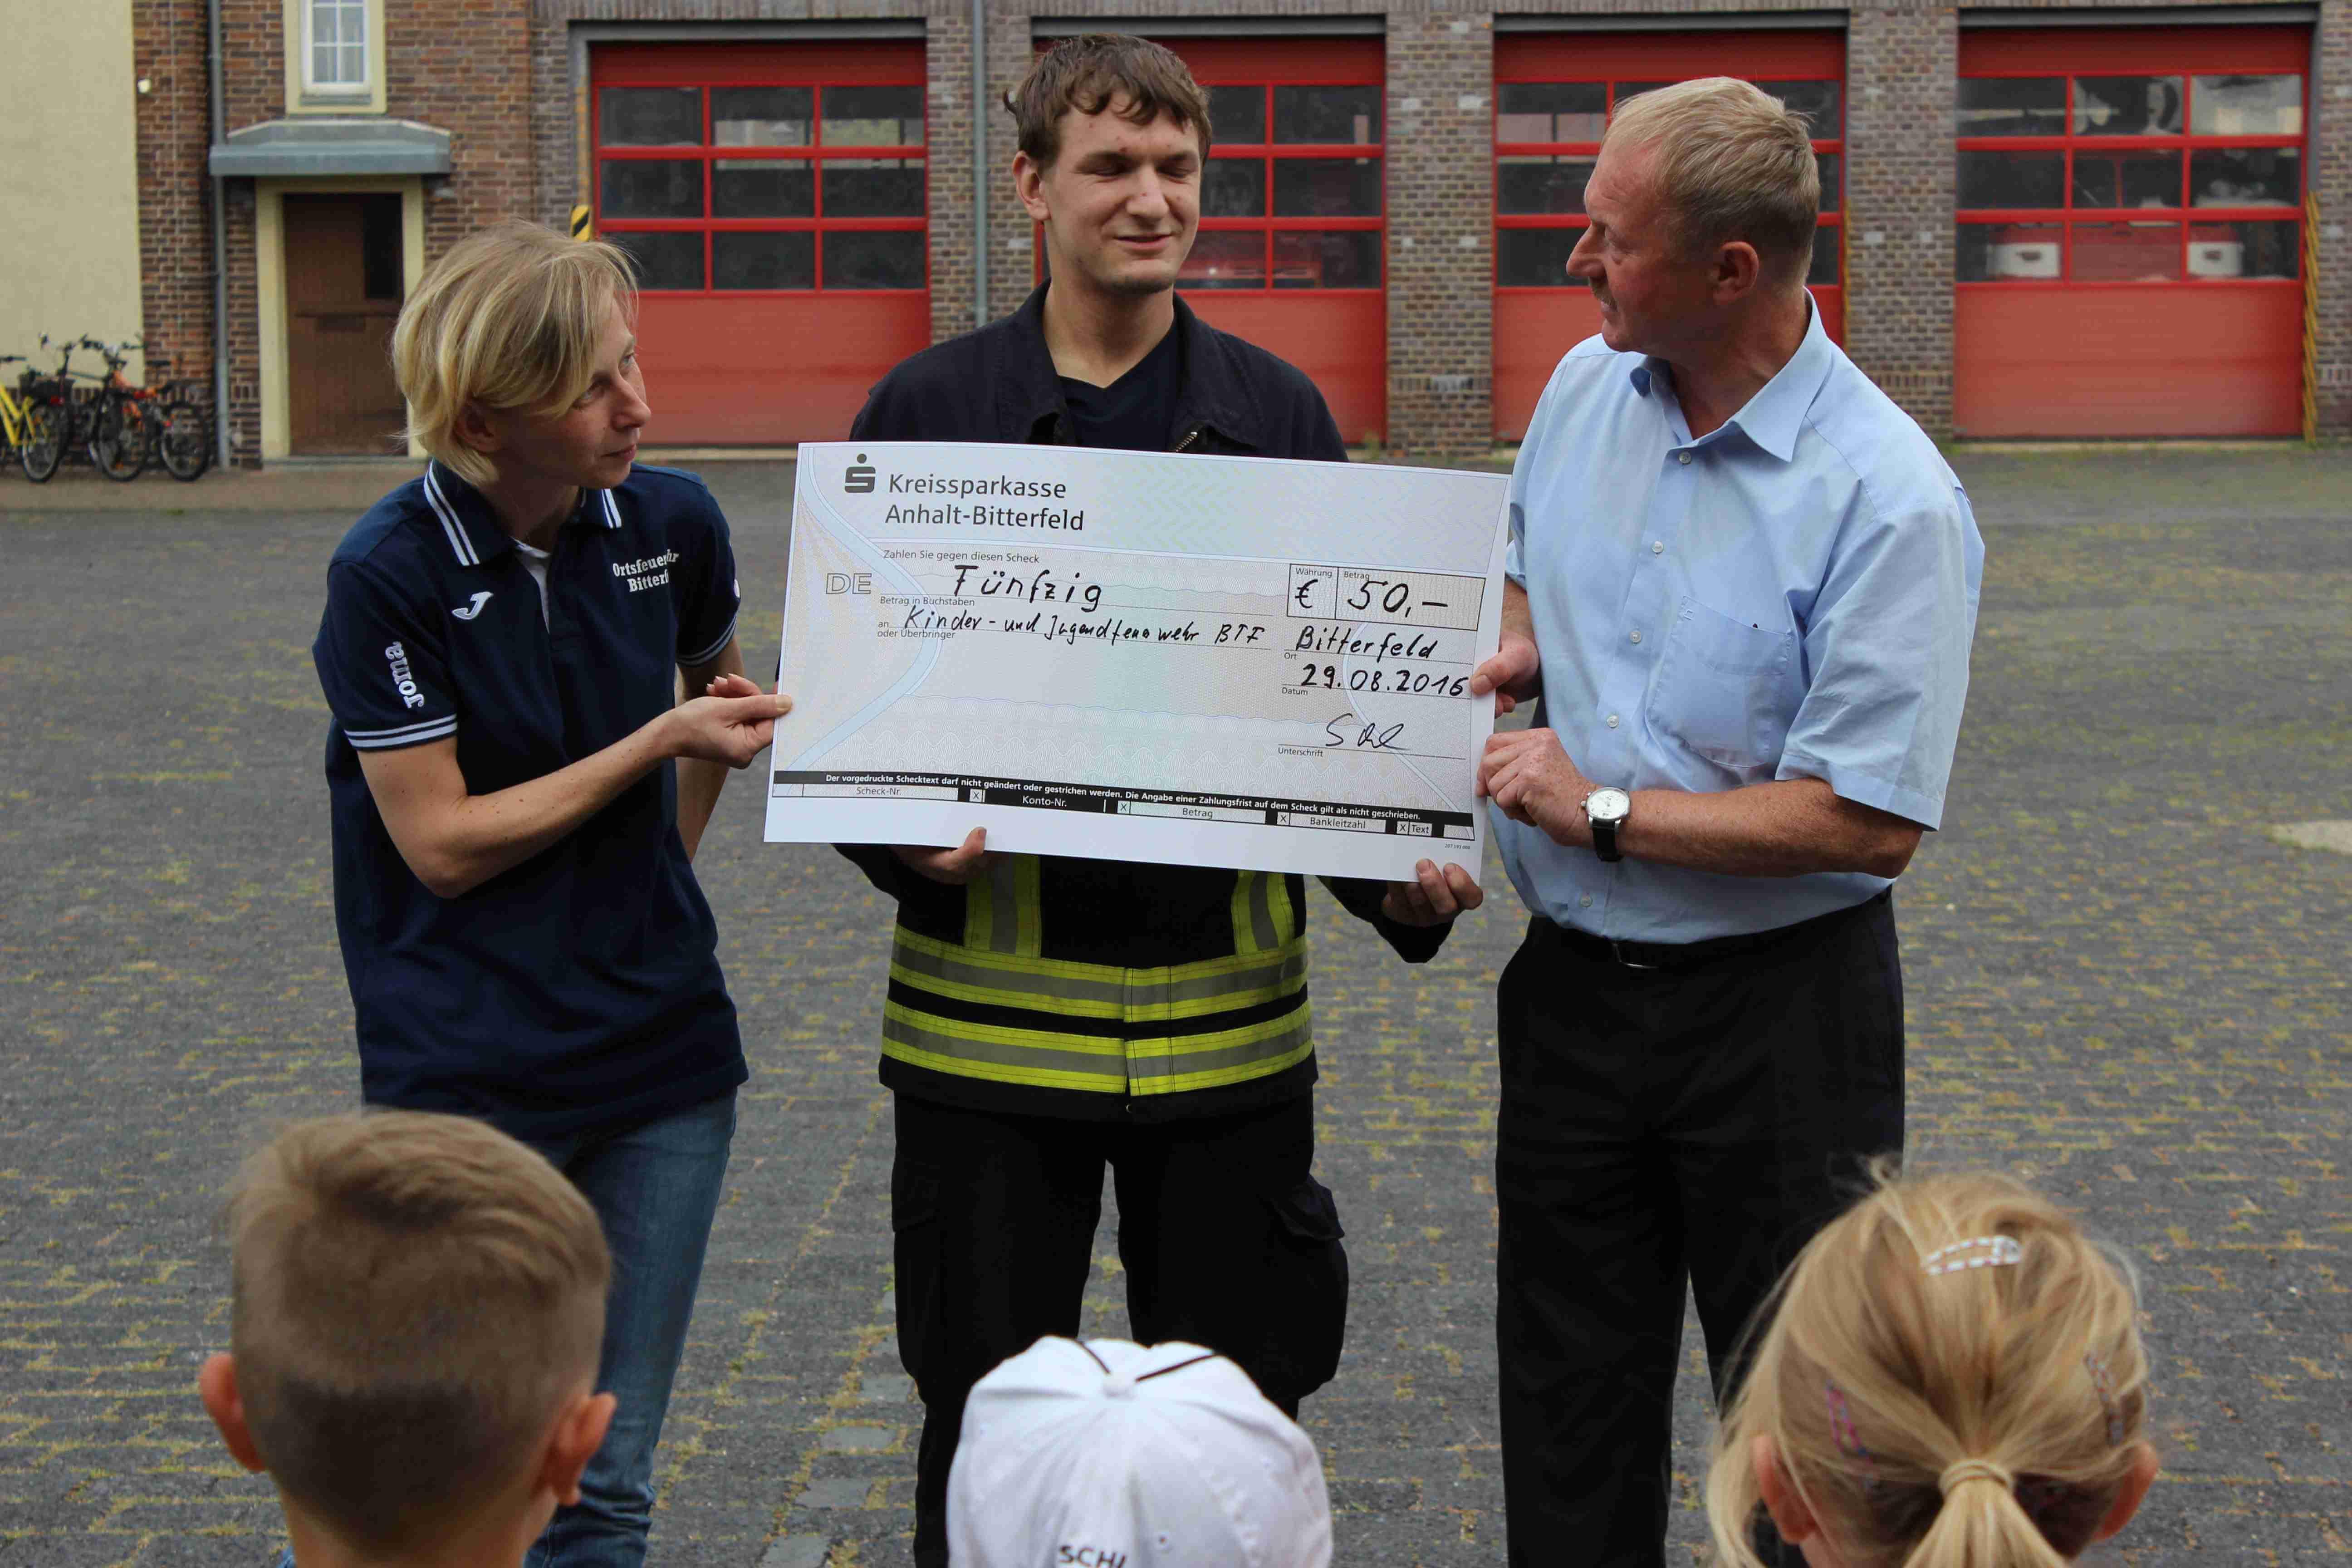 bei der Kindergruppe der Feuerwehr